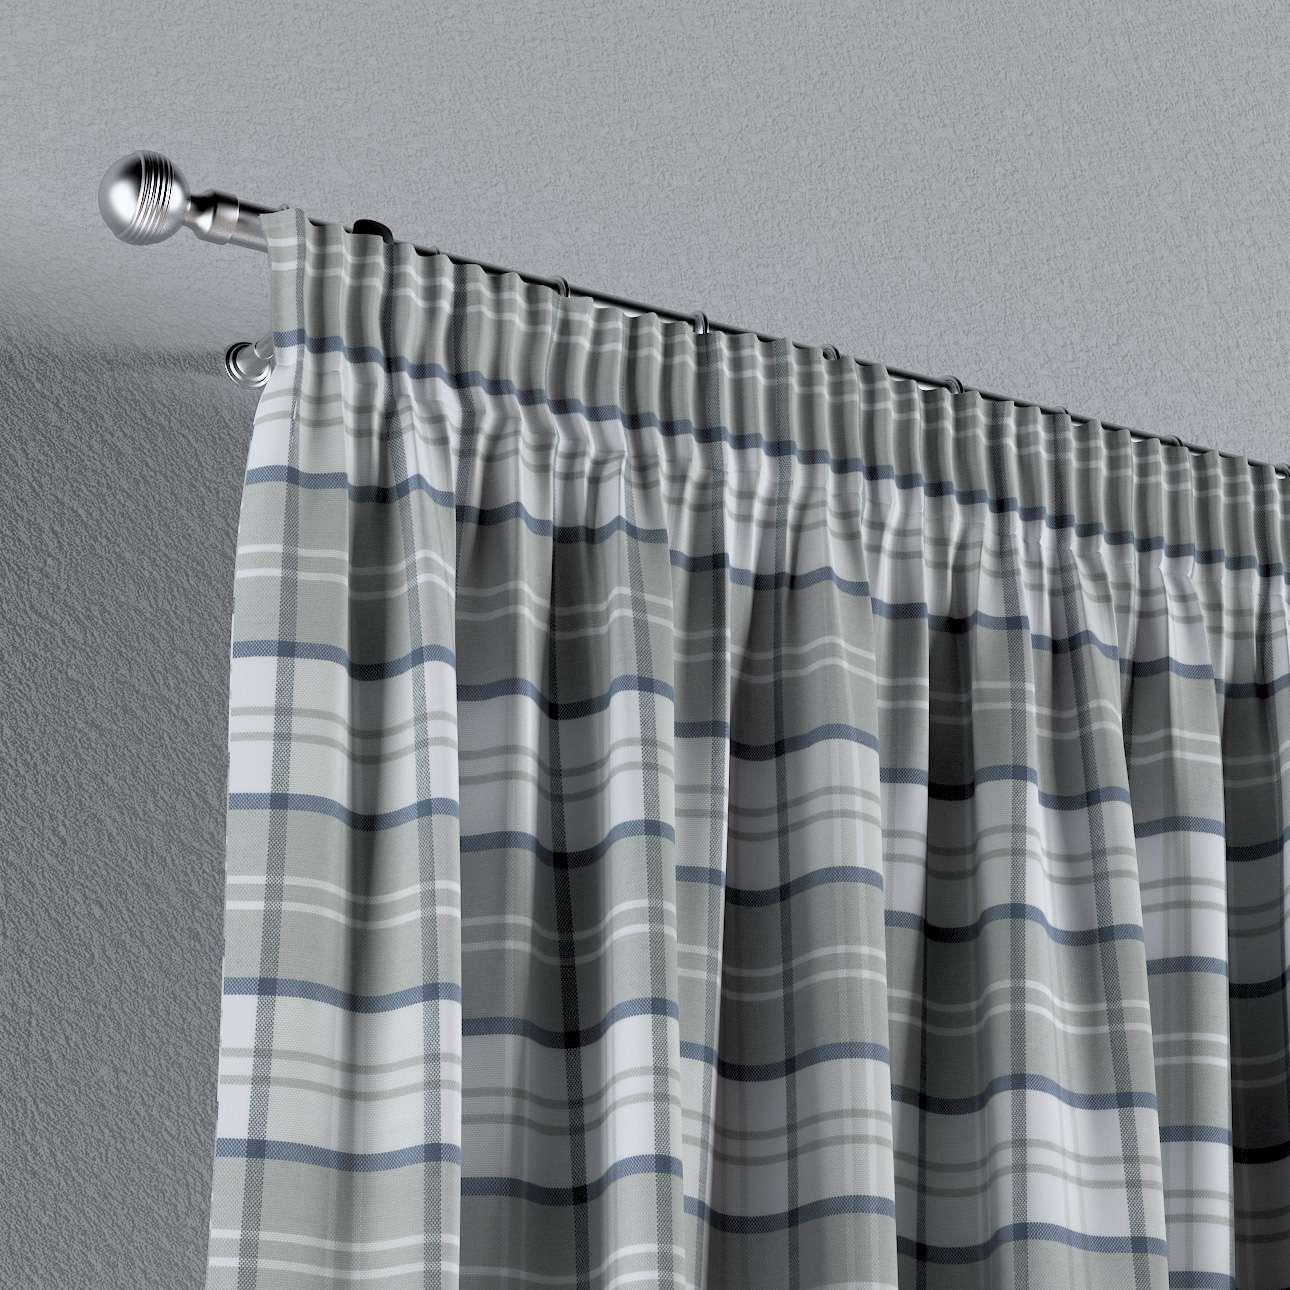 Vorhang mit Kräuselband von der Kollektion Bristol, Stoff: 143-65